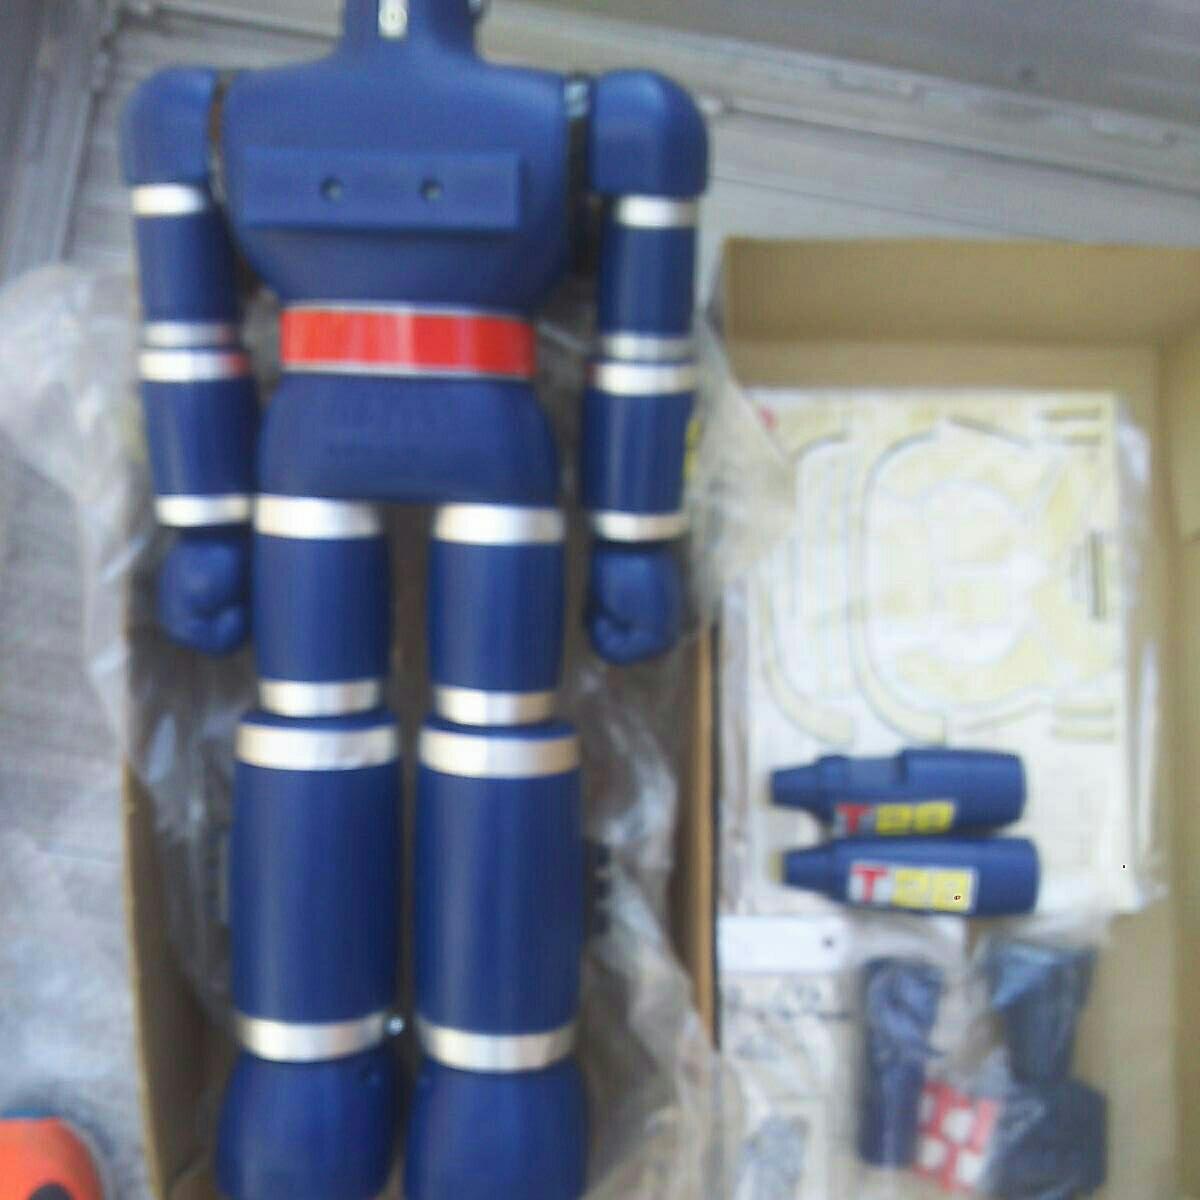 ポピー ジャンボマシンダー 鉄人28号 美品 箱 付属品 _画像8